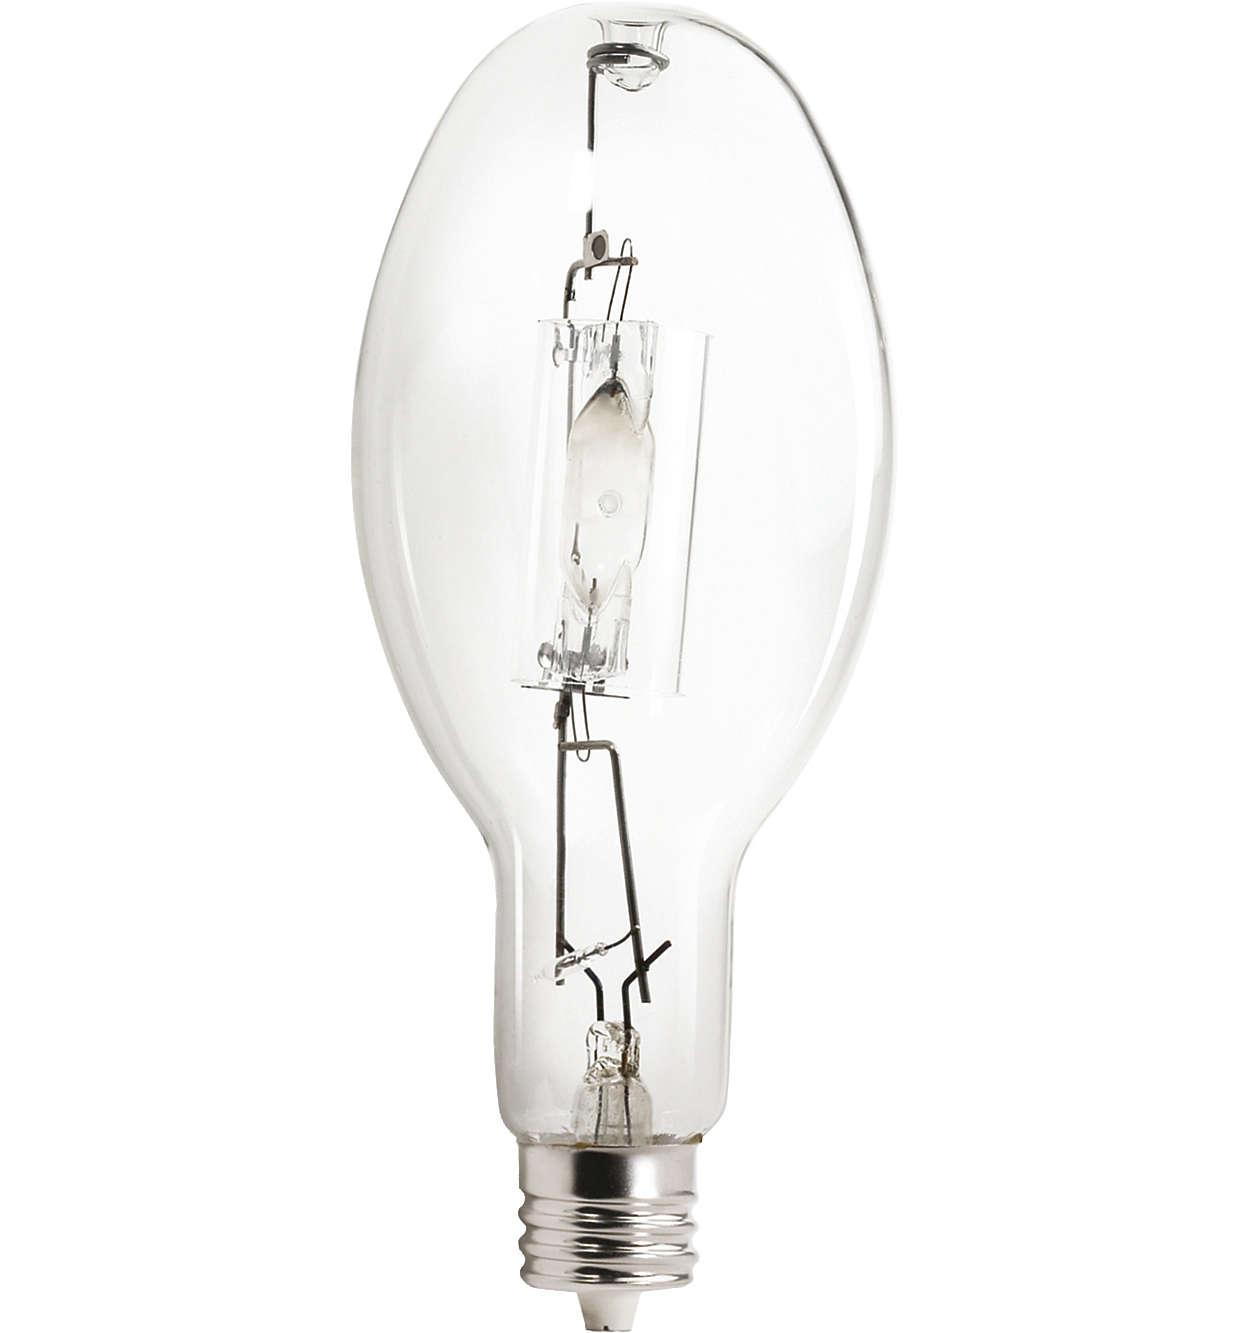 Permettent d'améliorer le maintien du flux lumineux sur une lampe classée « O ».